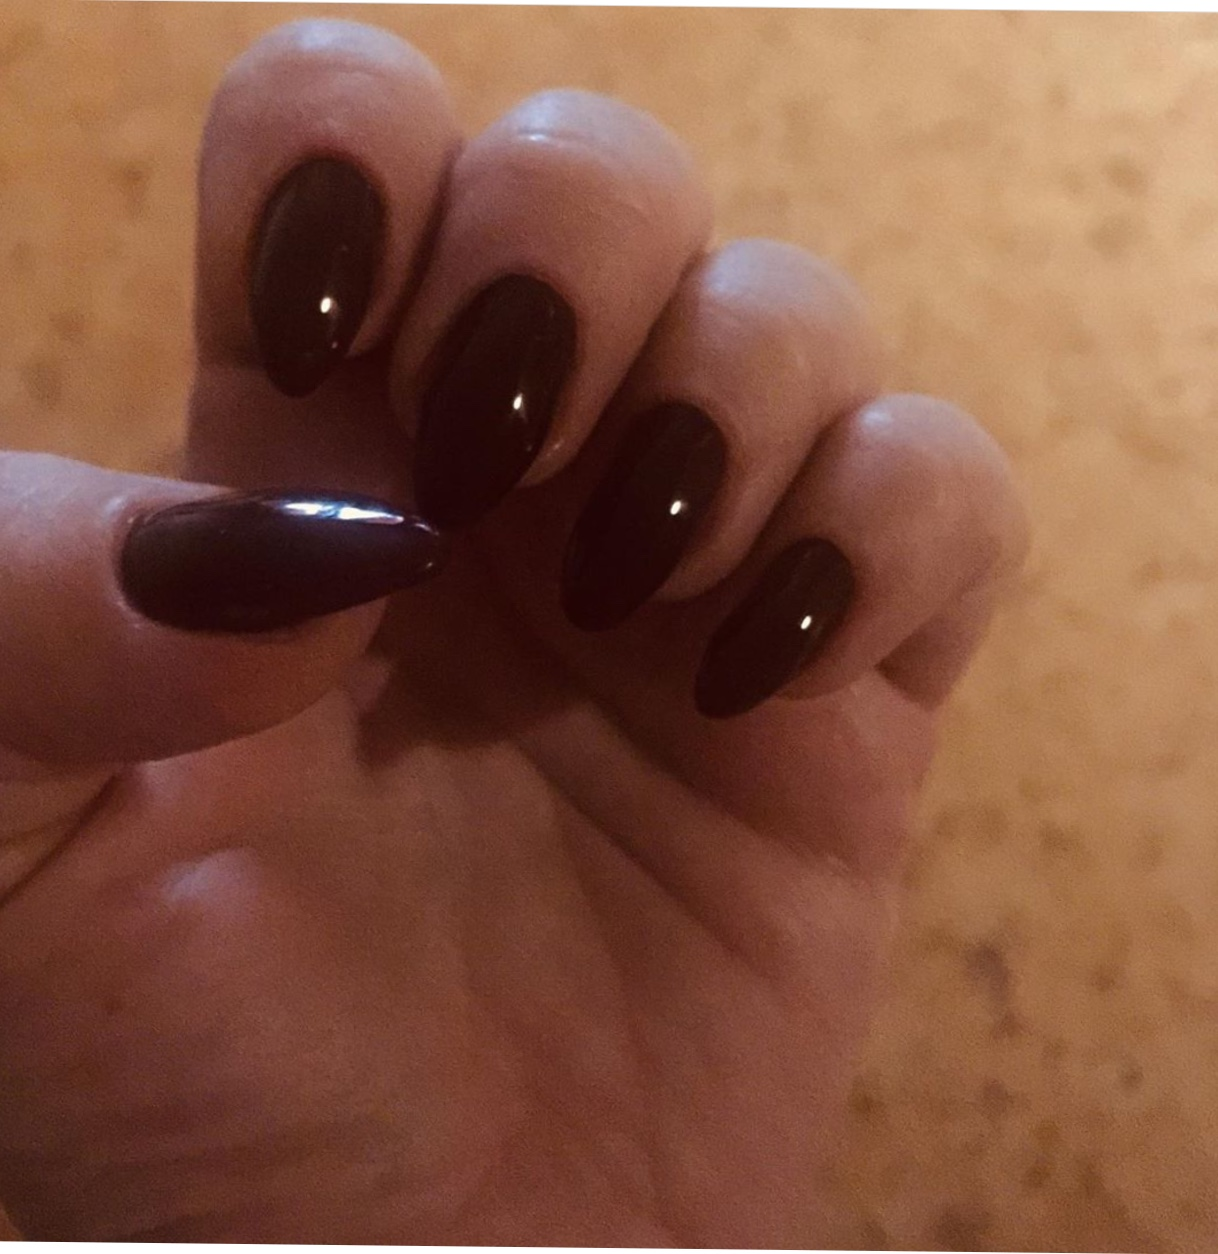 Маникюр в шоколадном цвете на длинные ногти.